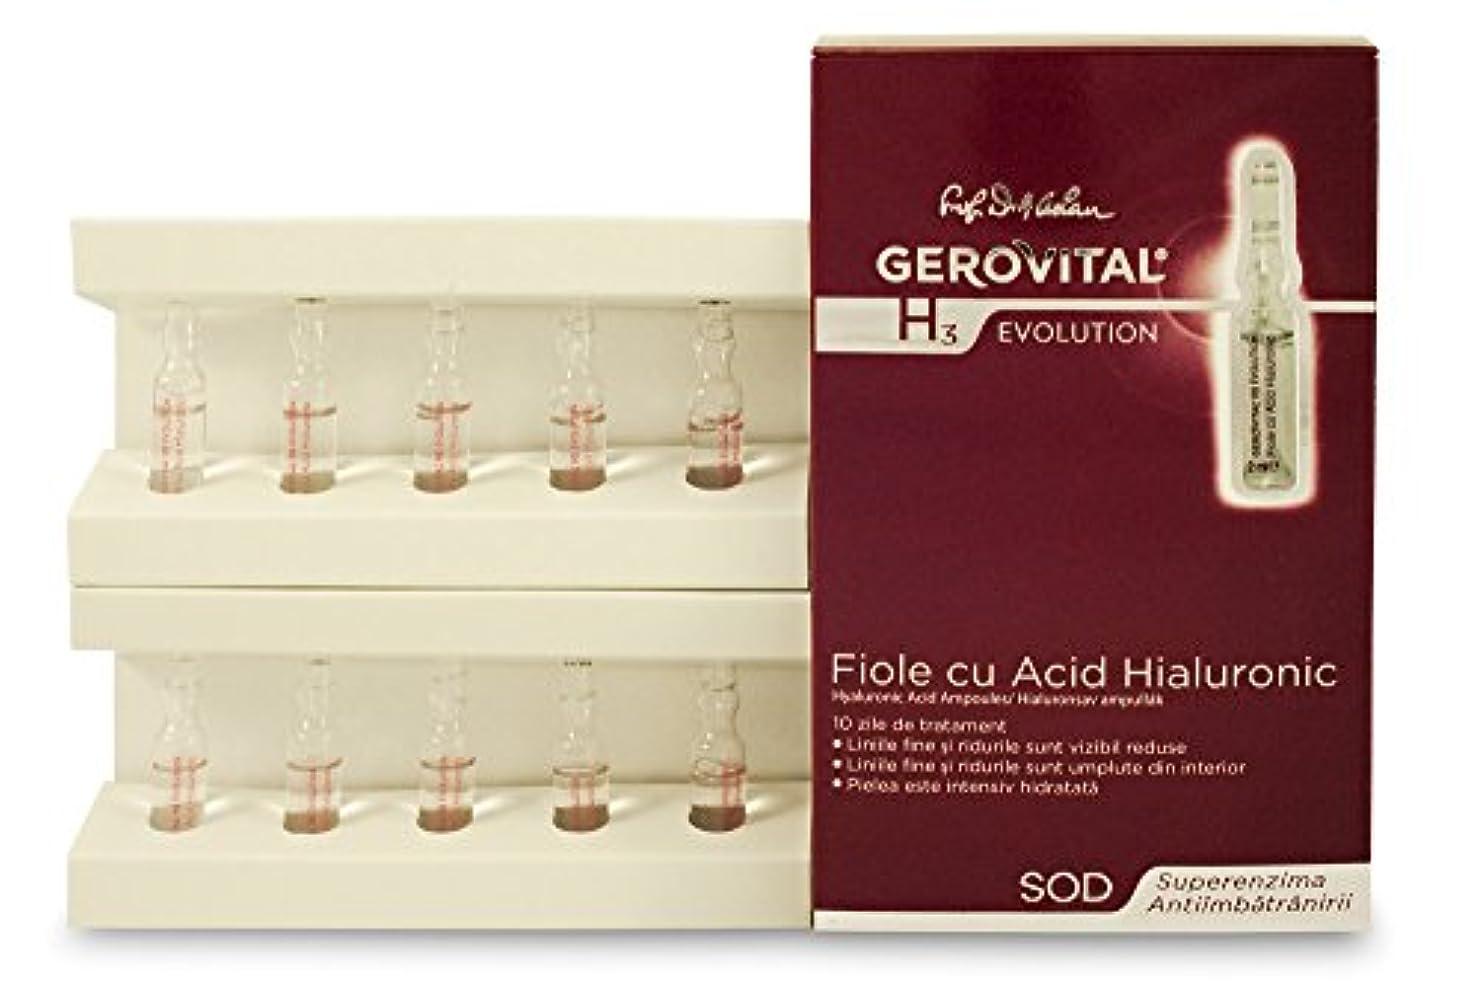 支払う原稿忘れっぽいジェロビタールH3 エボリューション ヒアルロン酸アンプル入り美容液 [海外直送] [並行輸入品]